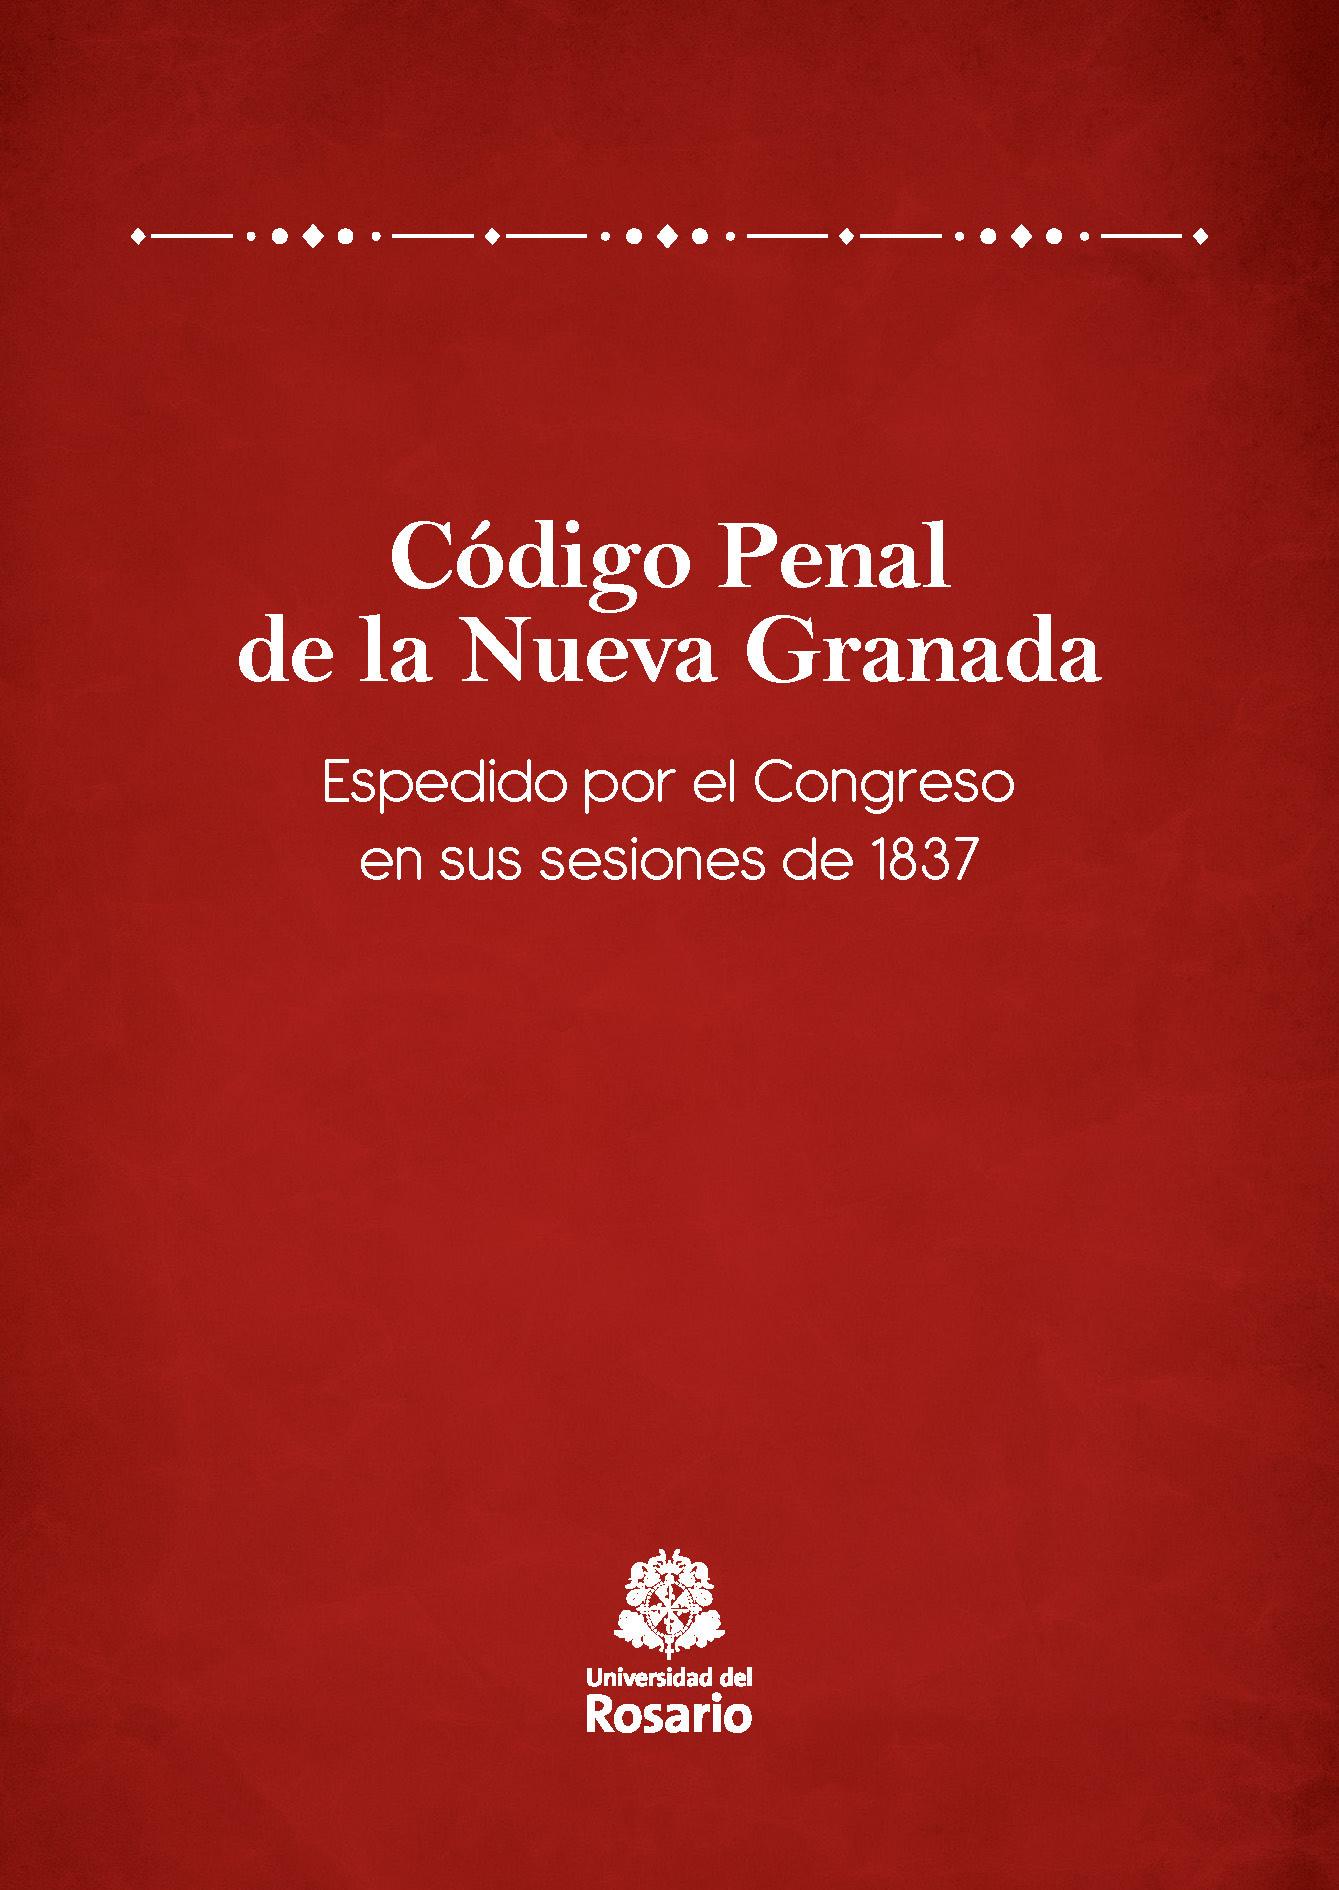 Código Penal de la Nueva Granada.